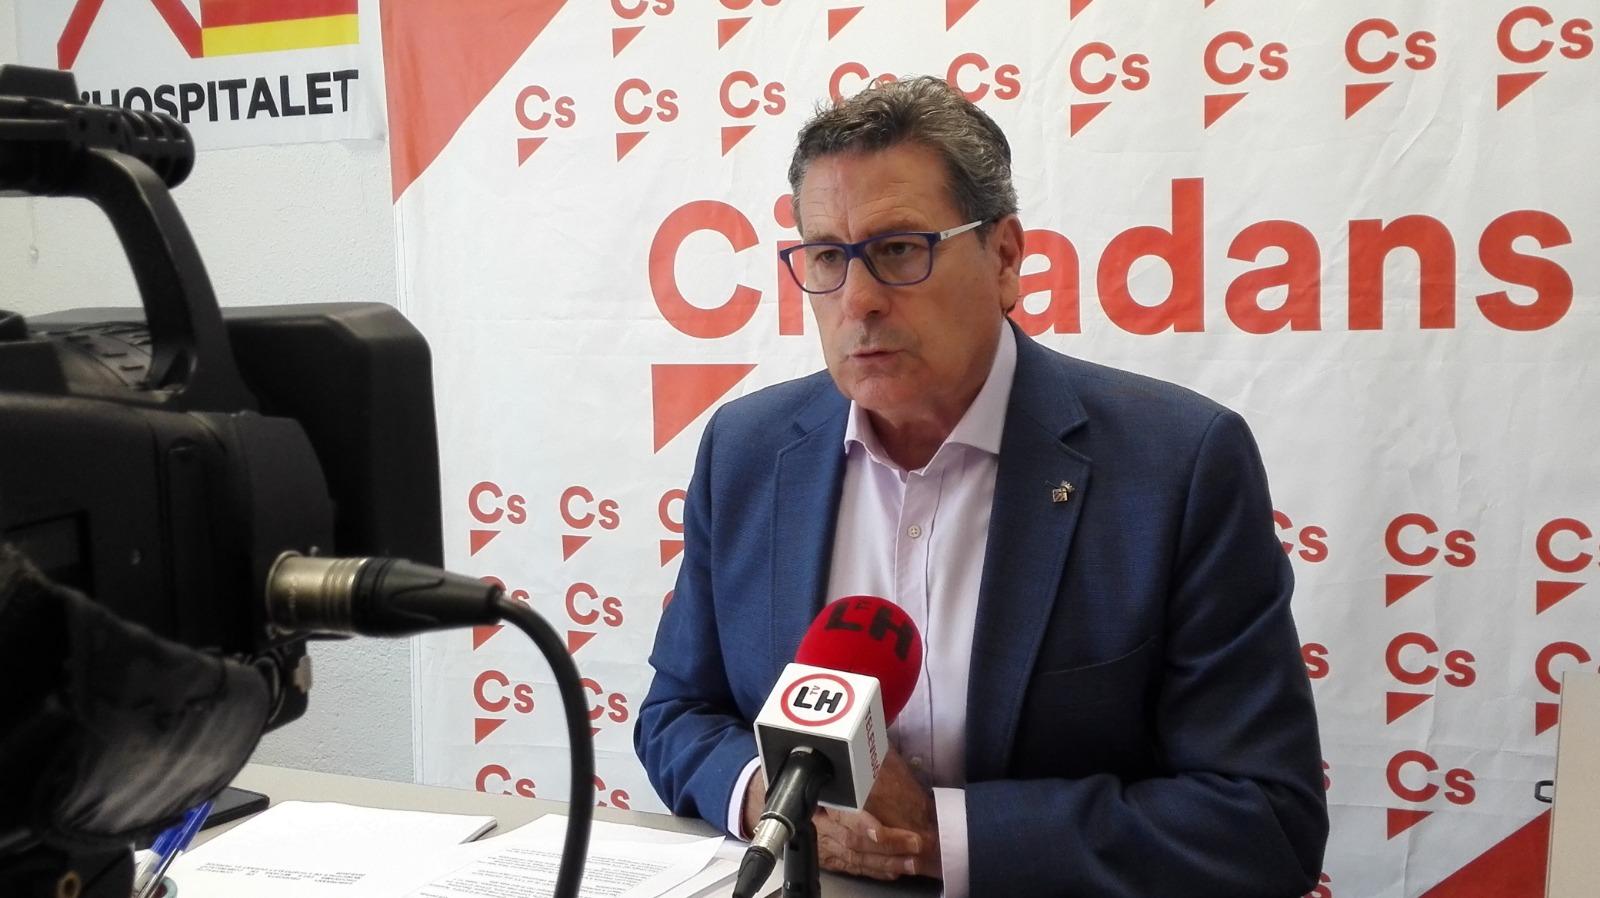 Miguel García, portavoz de Cs l'Hospitalet, atiende a los medios en rueda de prensa